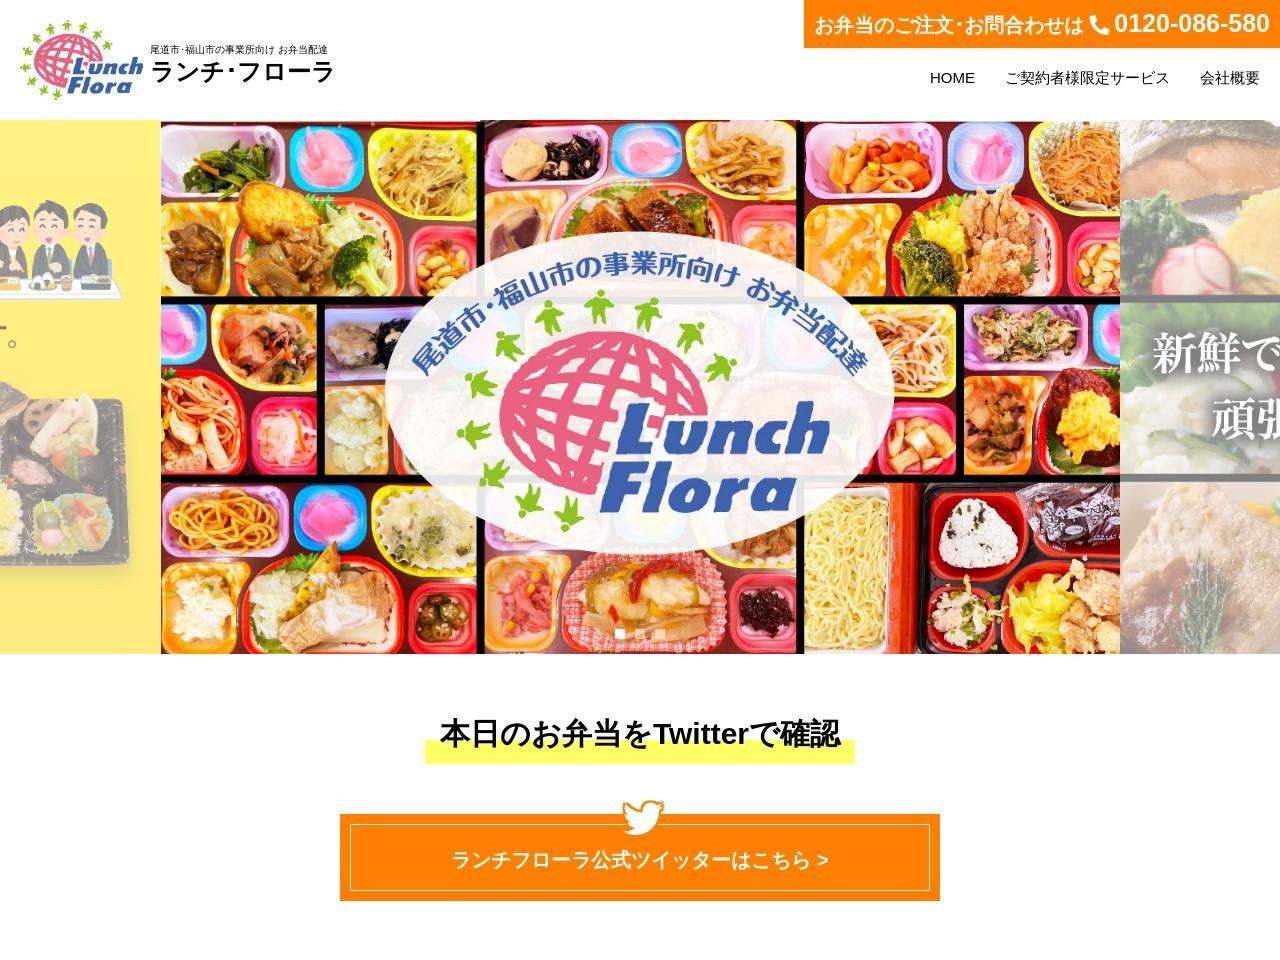 尾道市・福山市のお弁当はランチ・フローラのトップページ